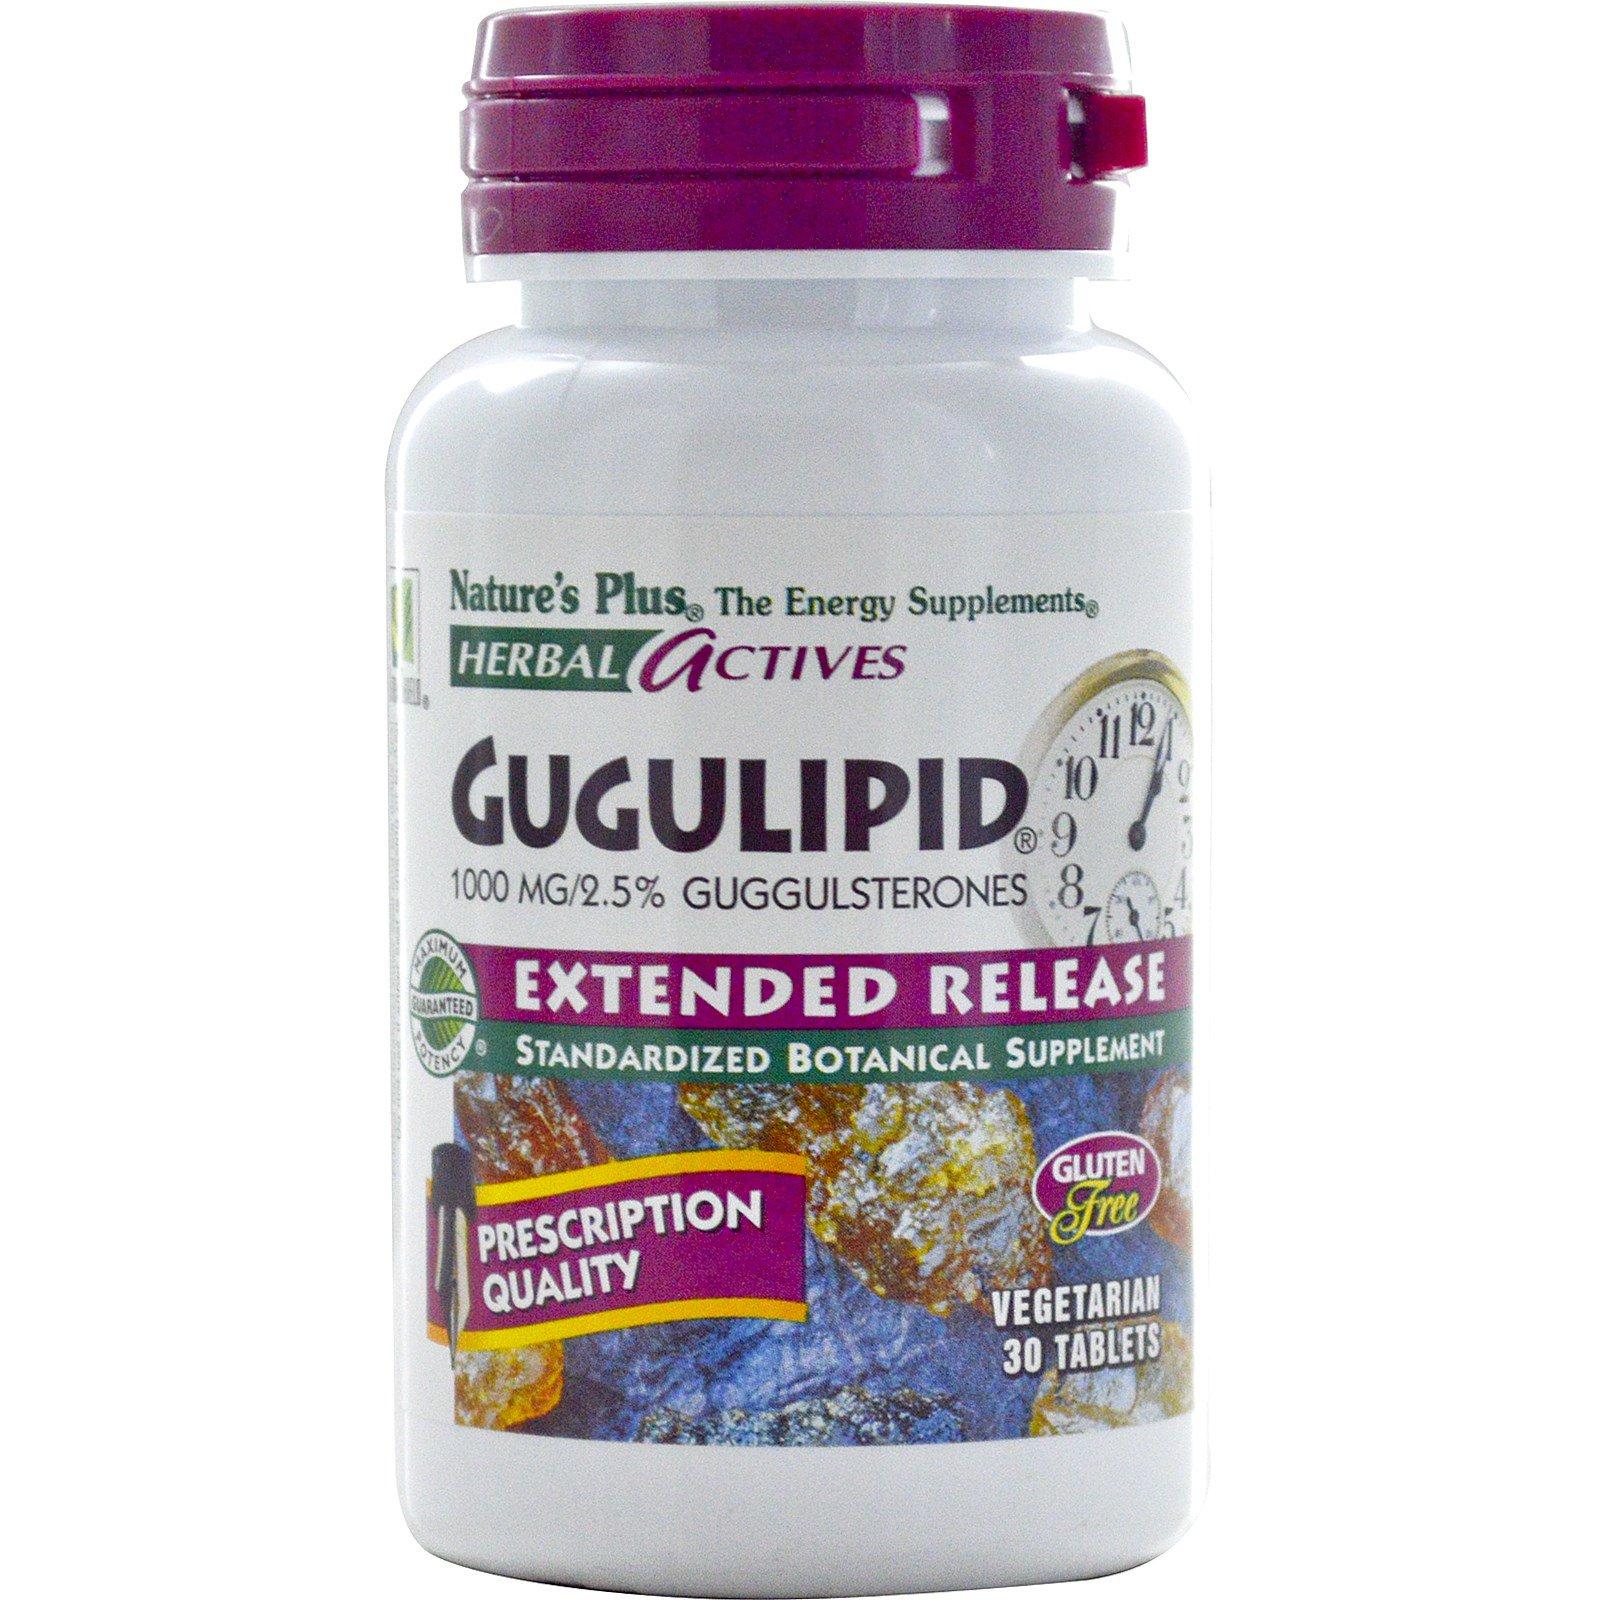 Nature's Plus, Herbal Actives, Gugulipid, с отложенным высвобождением активного вещества, 1000 мг, 30 вегетерианских таблеток